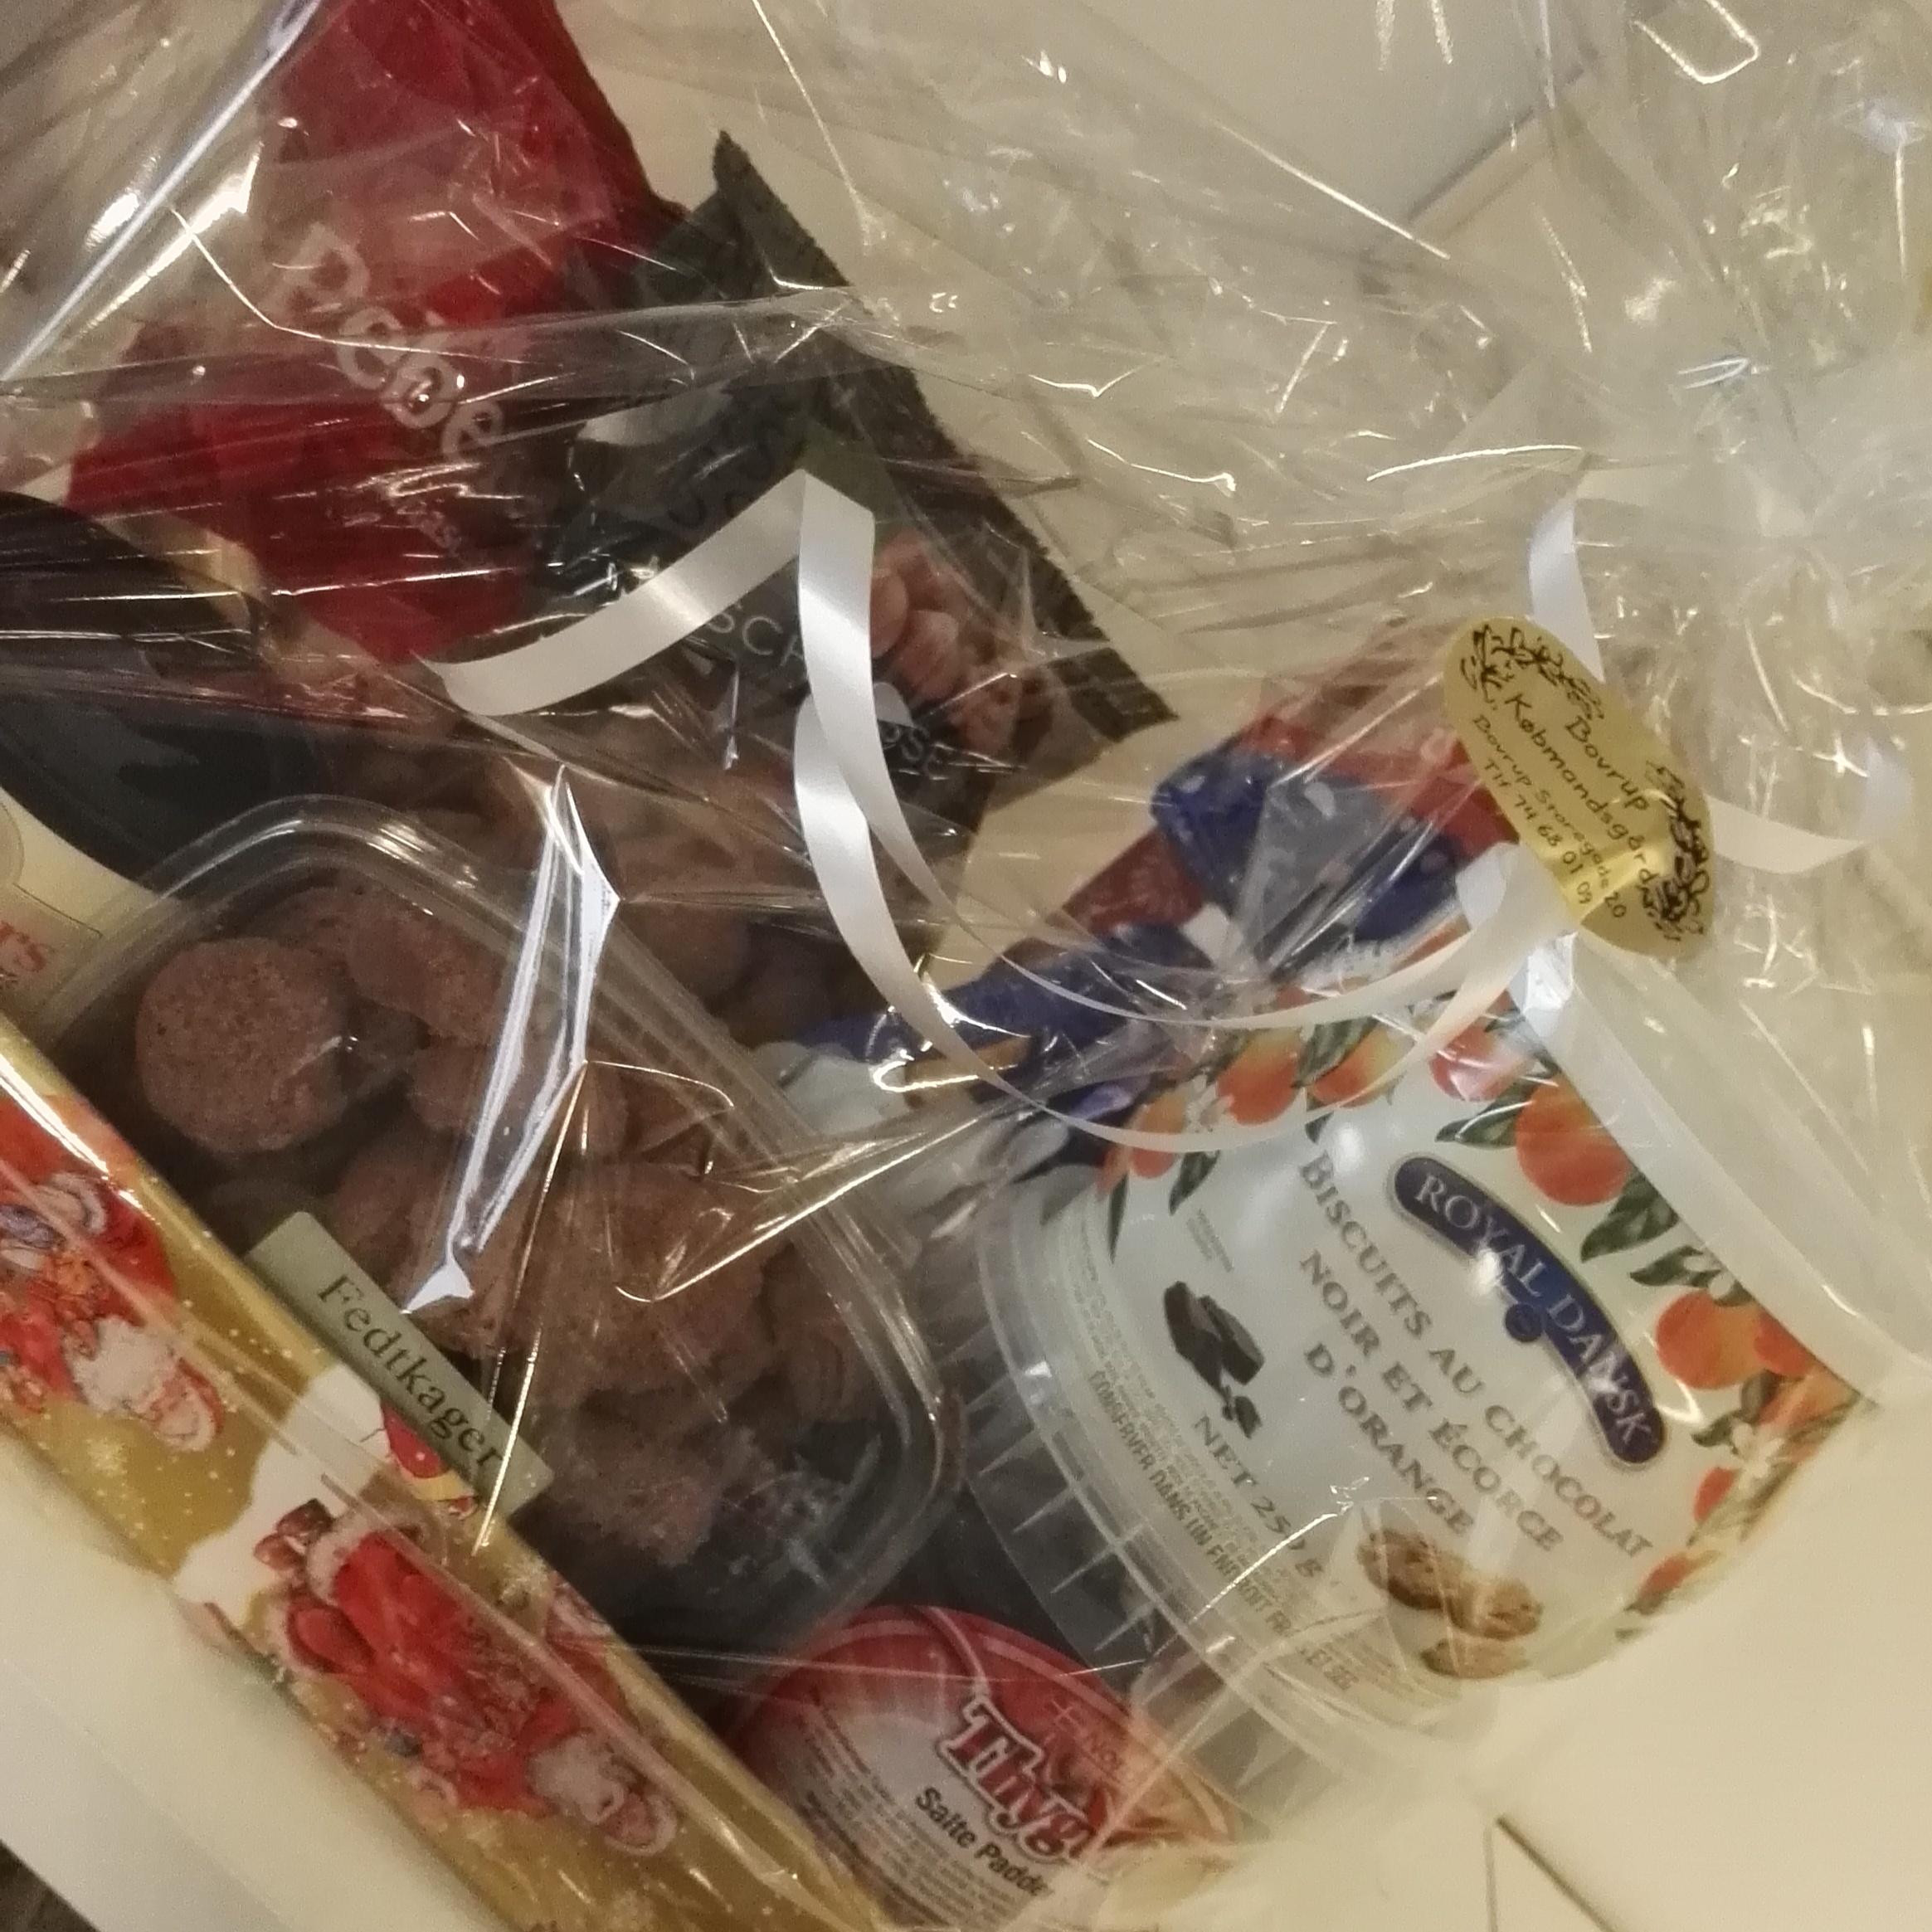 Lækker gavekurv med masser af juleforkælelse